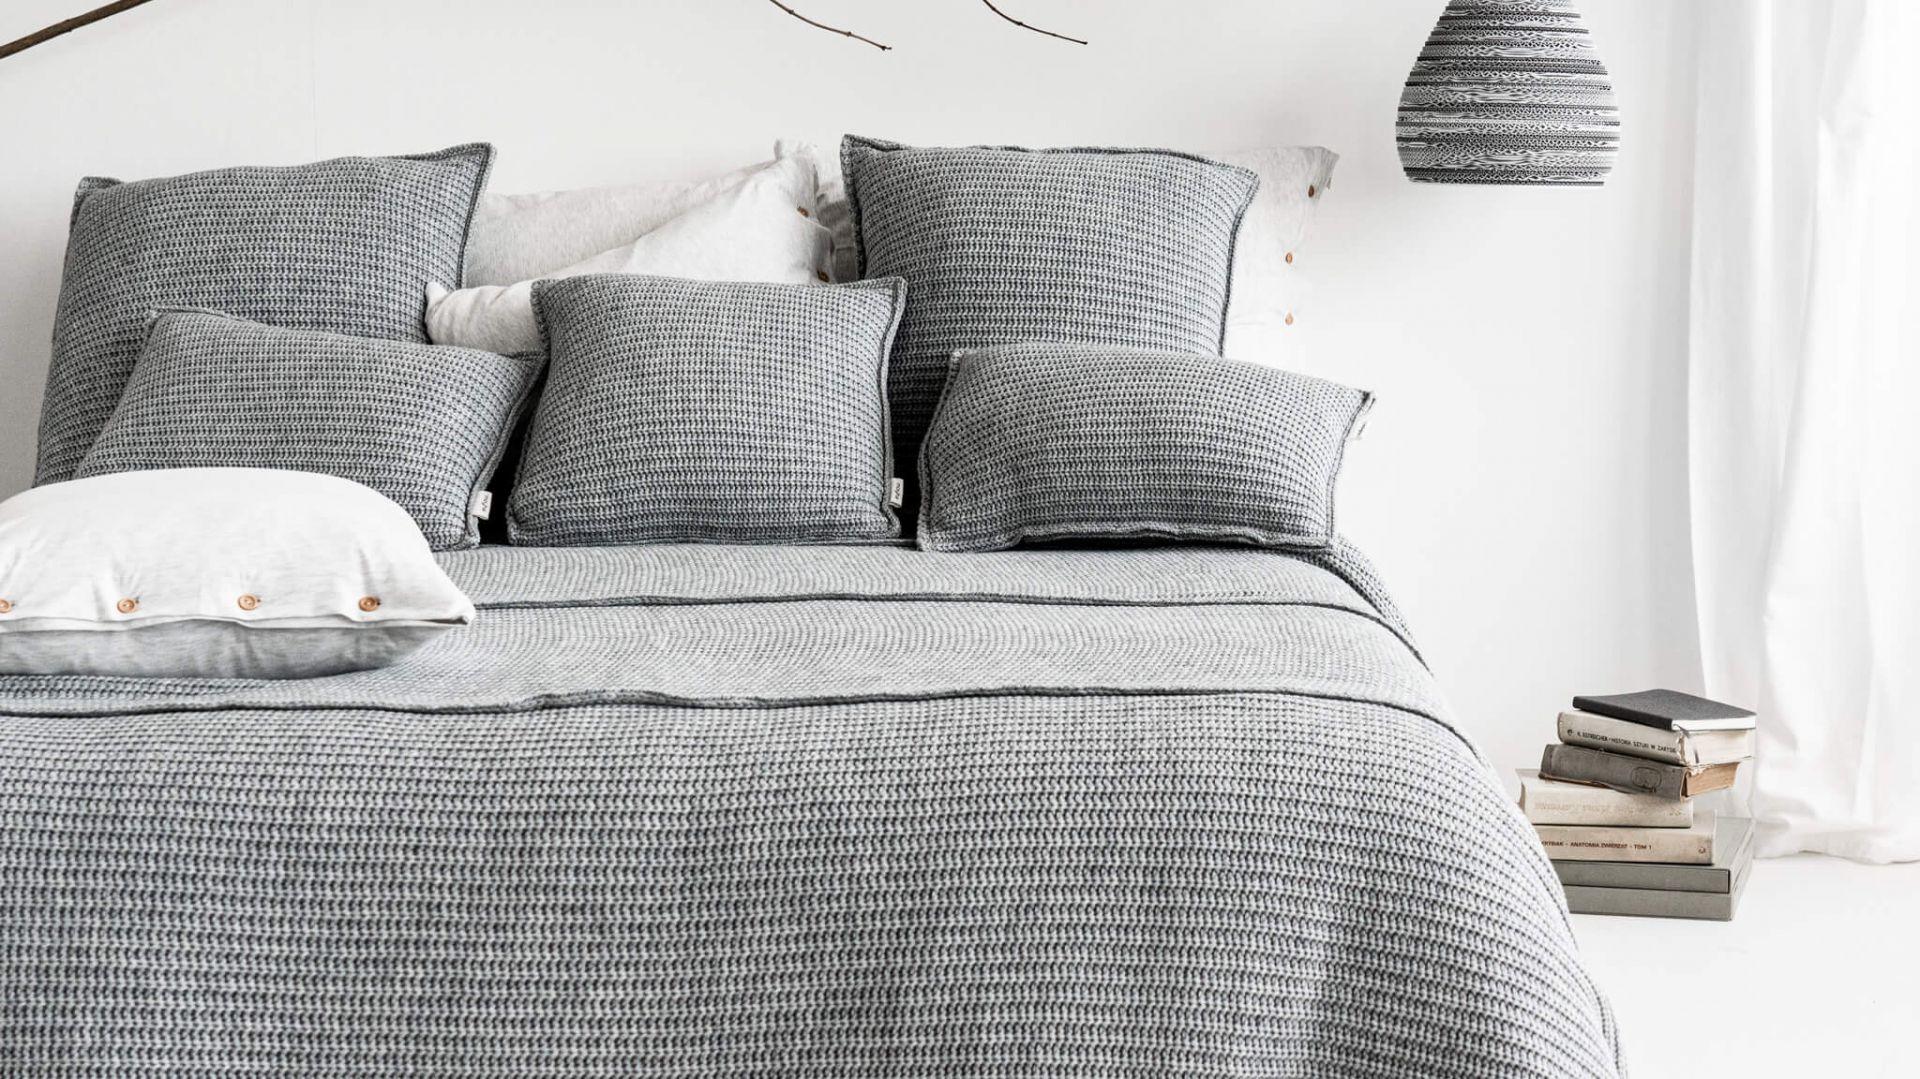 Wełniana szara narzuta z prostym wzorem w parze z równie uroczymi poduszkami. Narzuta - 699 zł, poduszka - 159 zł. Marka: Moyha